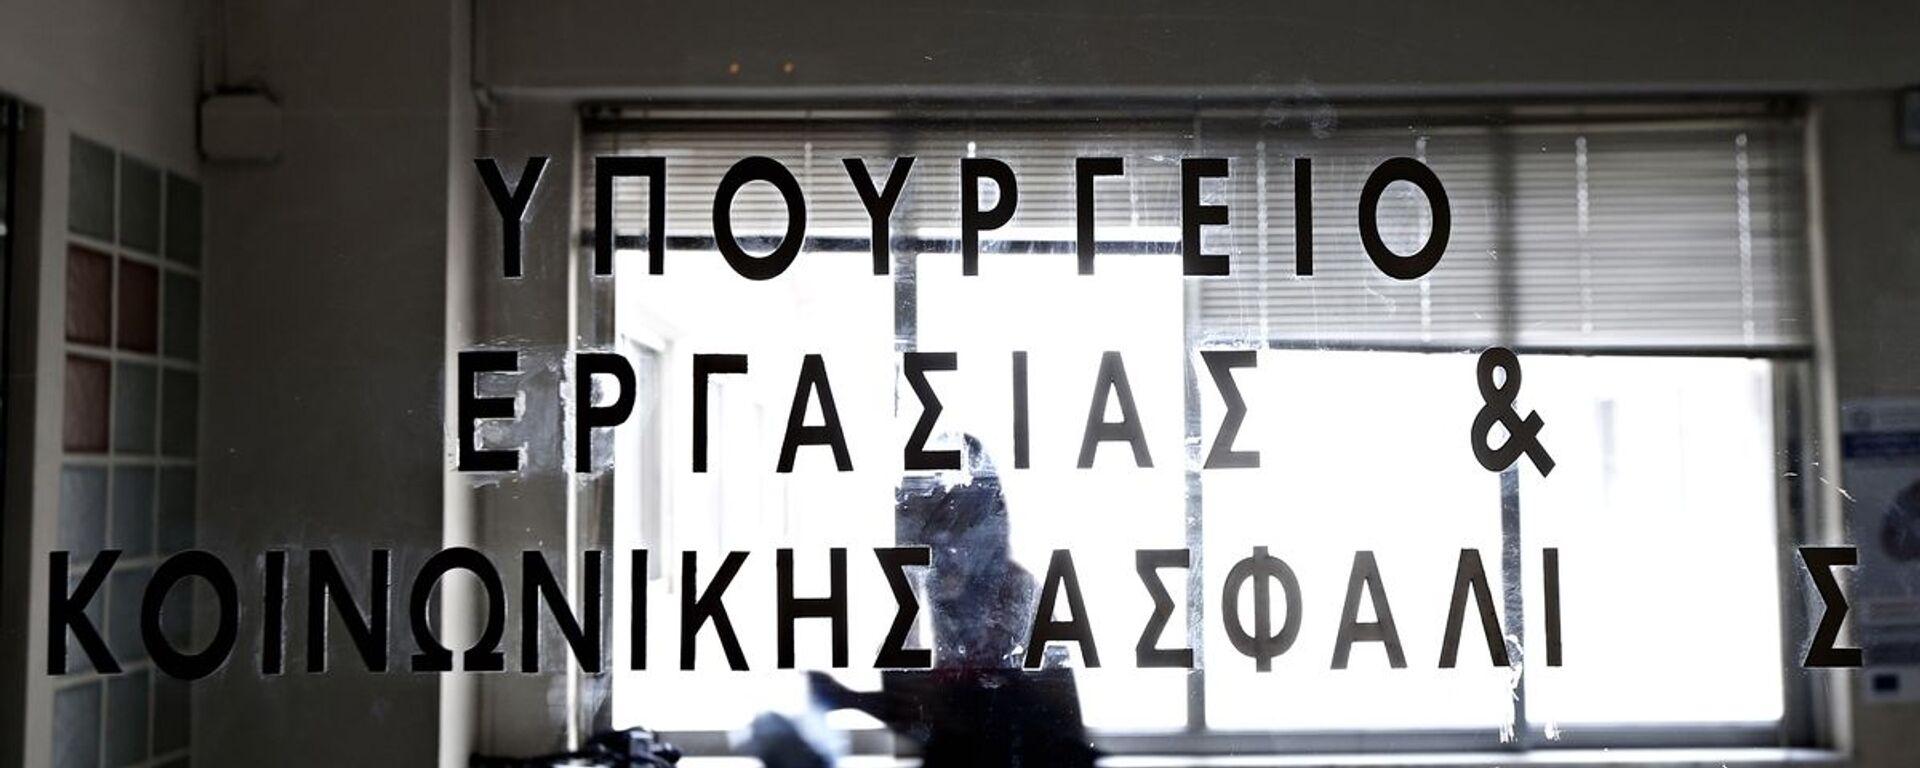 Υπουργείο Εργασίας - Sputnik Ελλάδα, 1920, 17.09.2021